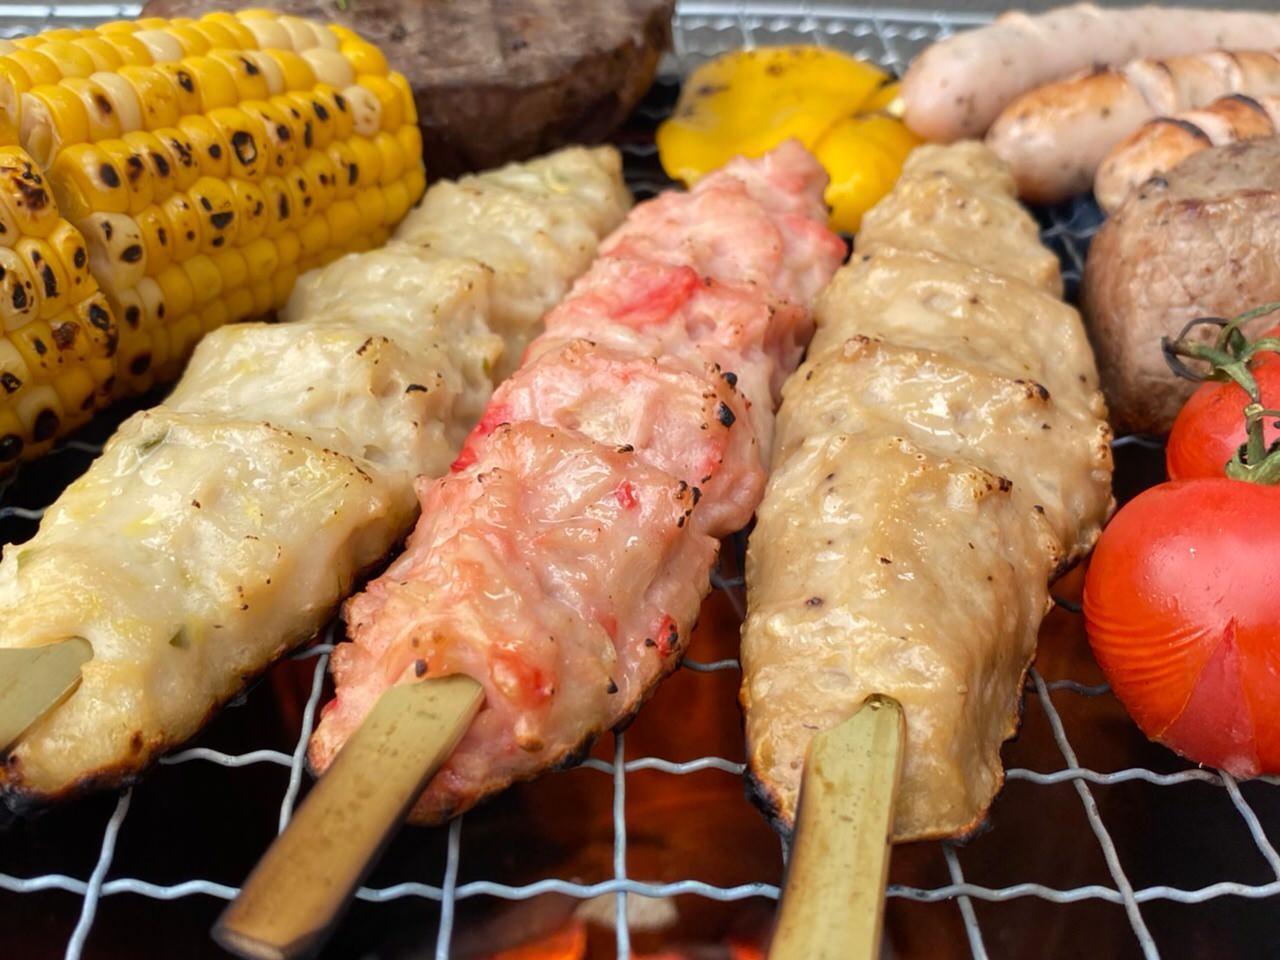 島根県で作られる焼くだけ簡単の海鮮・大山鶏の「BBQにぎり串」が美味そう